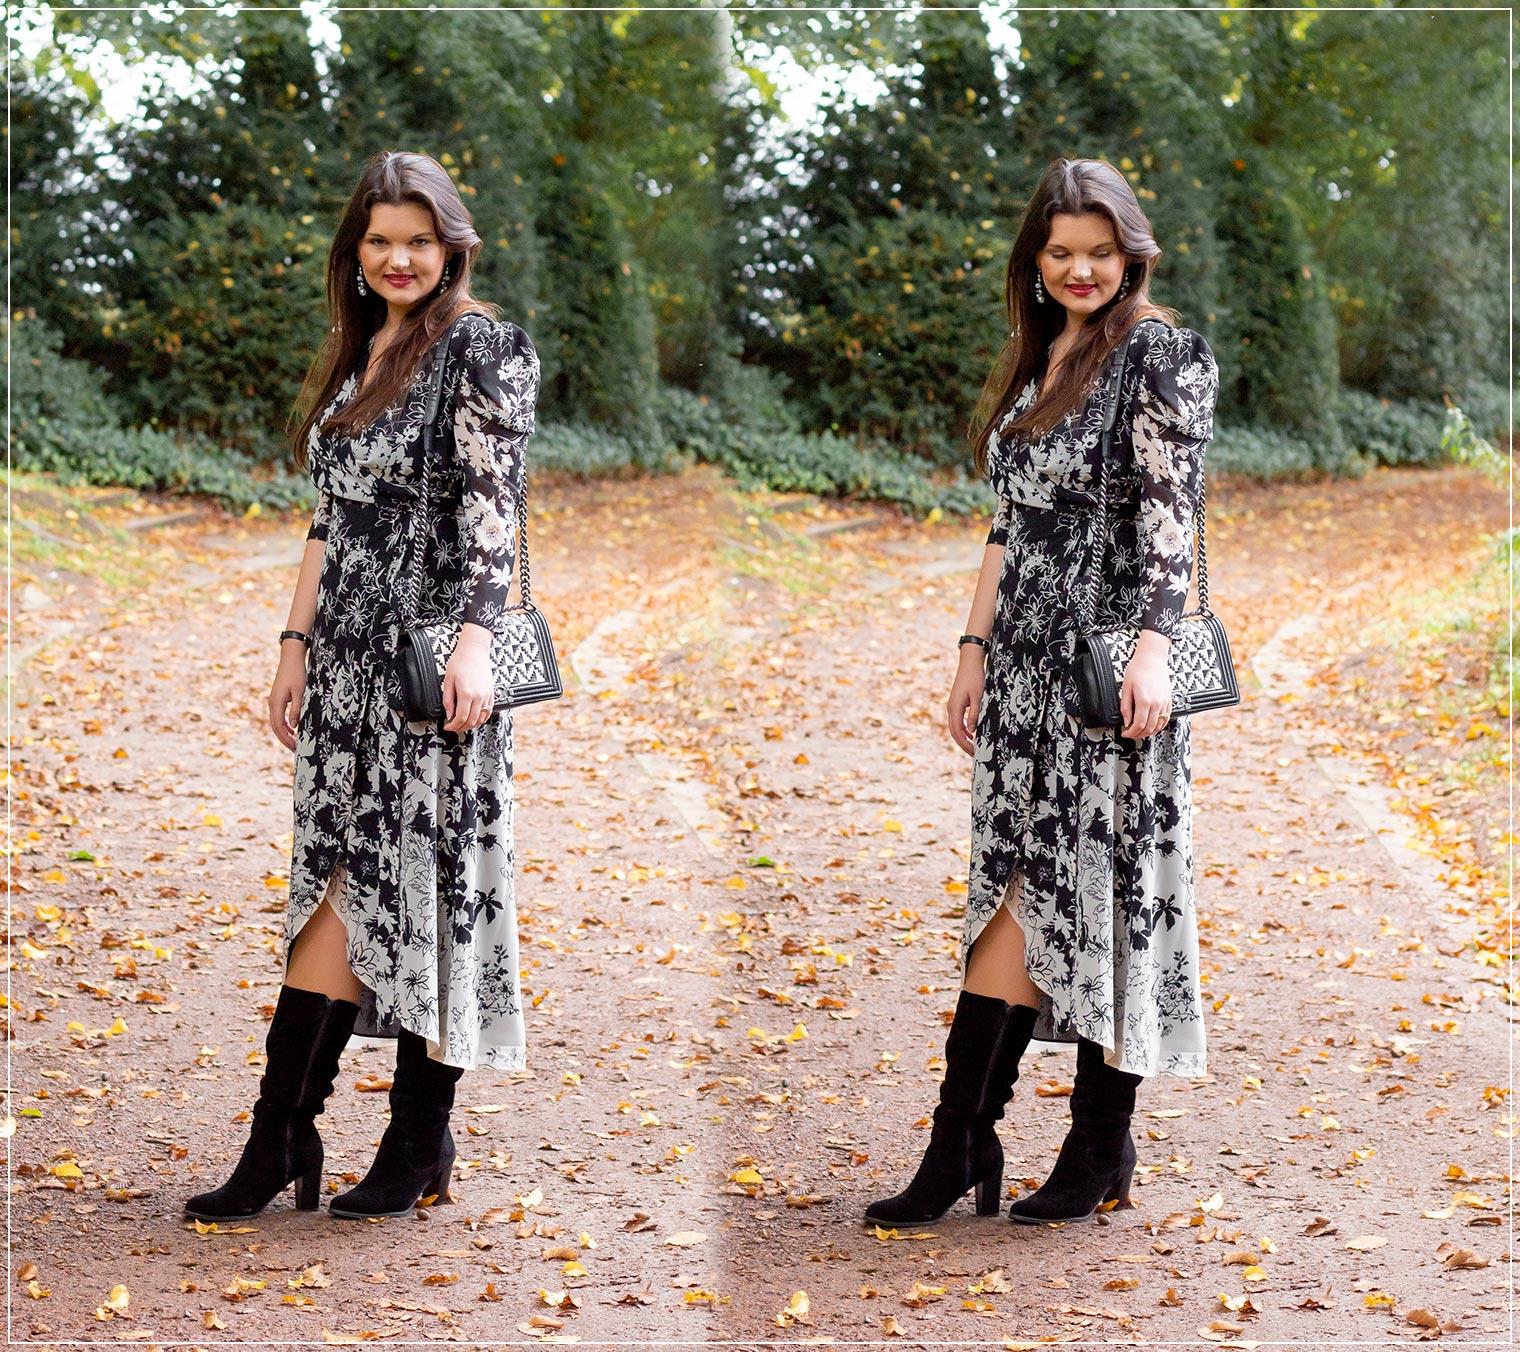 Herbstlook aus Wickelkleid mit Blumenprint und Stiefeln